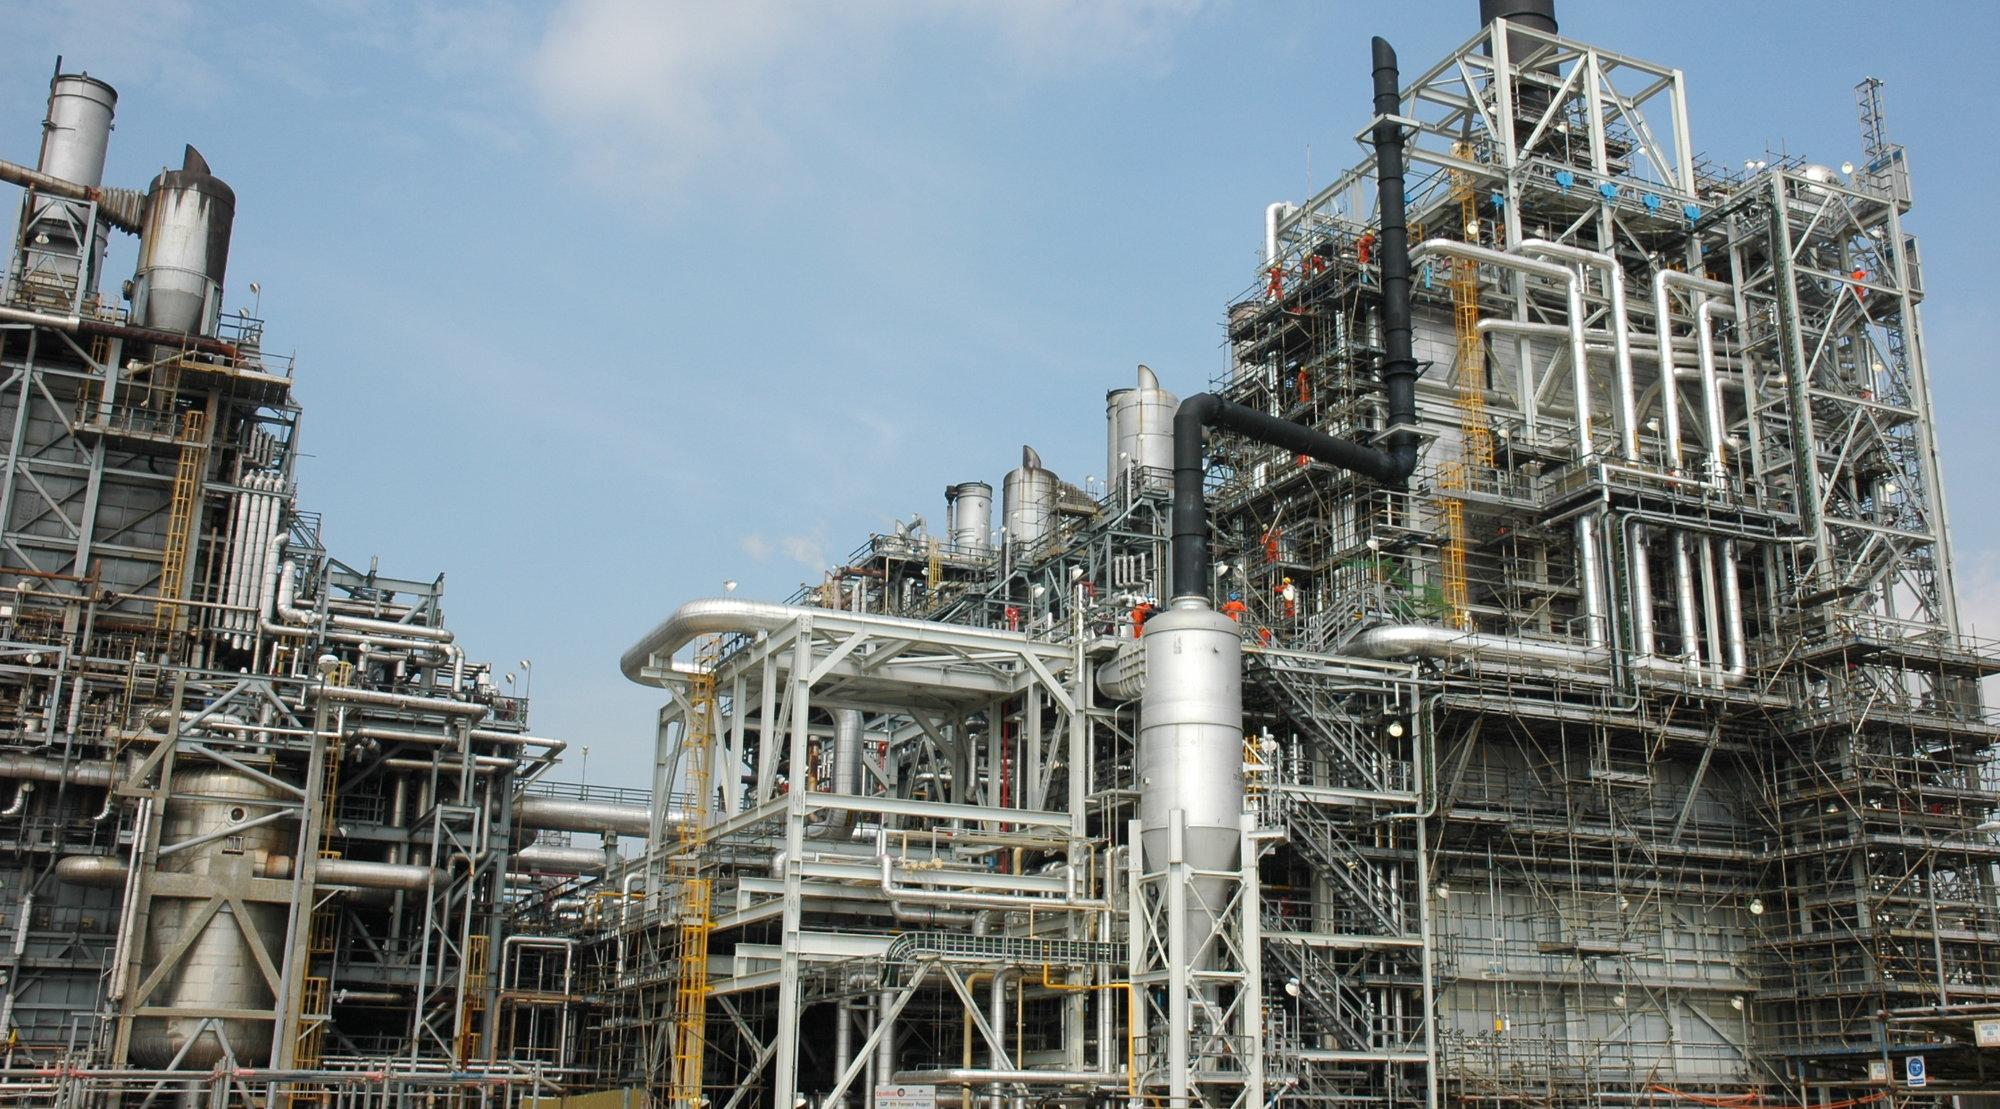 Hele 29 kjemiske fabrikker i mer flere land ble mellom april og august i år utsatt for snoking i formler og produksjonsplaner. (Fabrikken på bildet er ikke rammet)